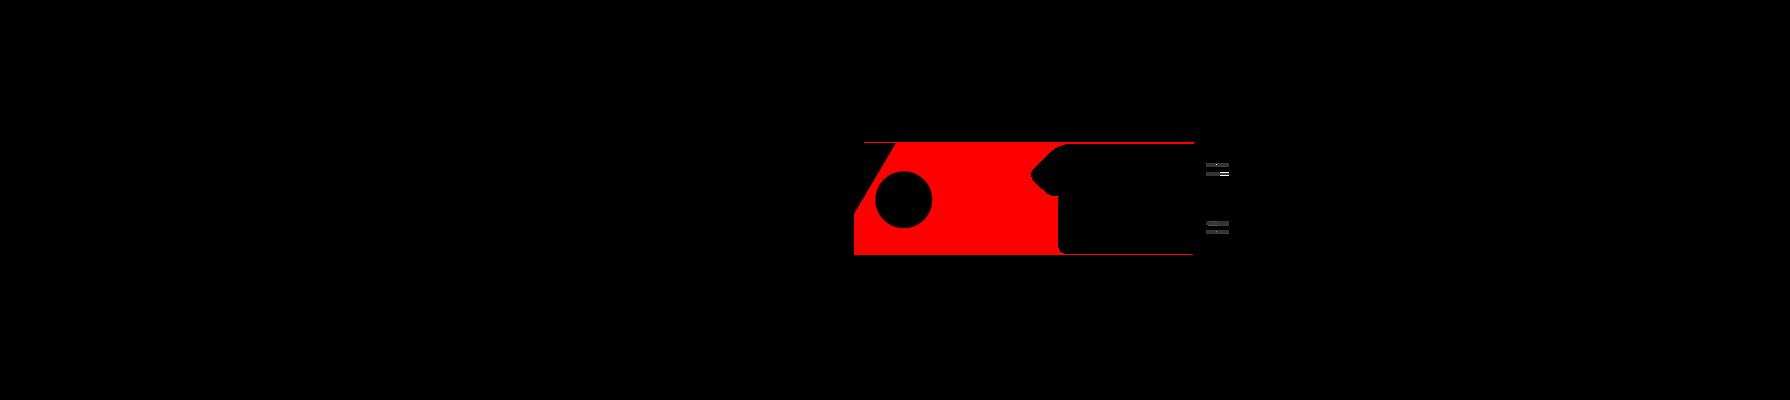 ゴロキ | GORODKEY | GRDK Clothing Logo